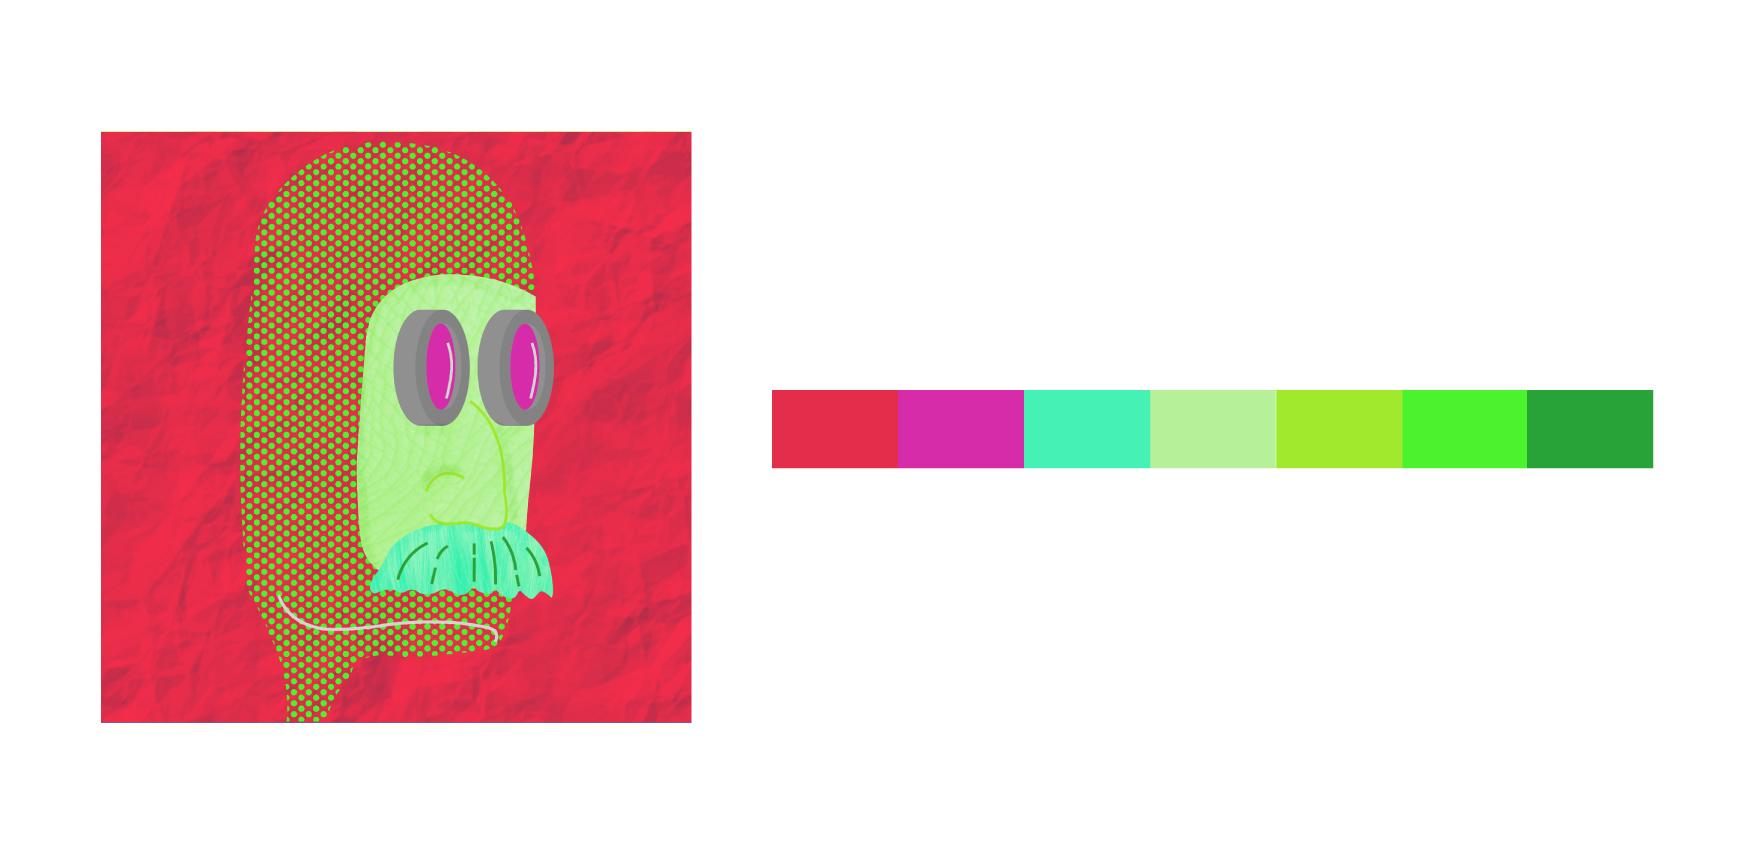 030 ARIEL VELASTEGUÍ the guy a partir de Warhol 2020-06